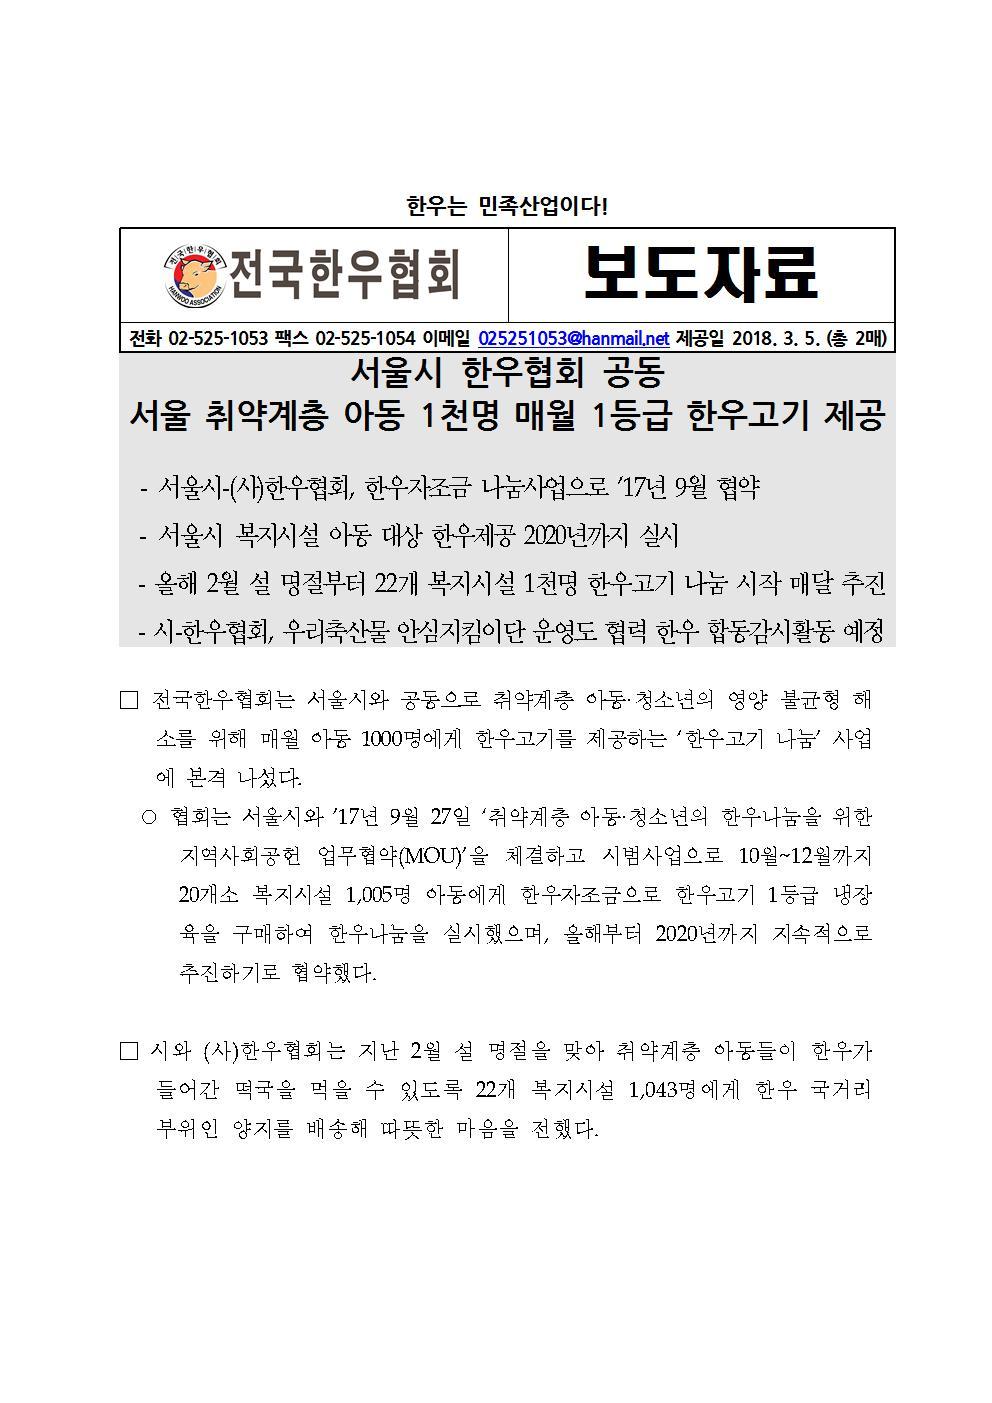 2018.03.05 보도자료-취약계층 어린이 대상 한우나눔 및 유통감시활동001.jpg